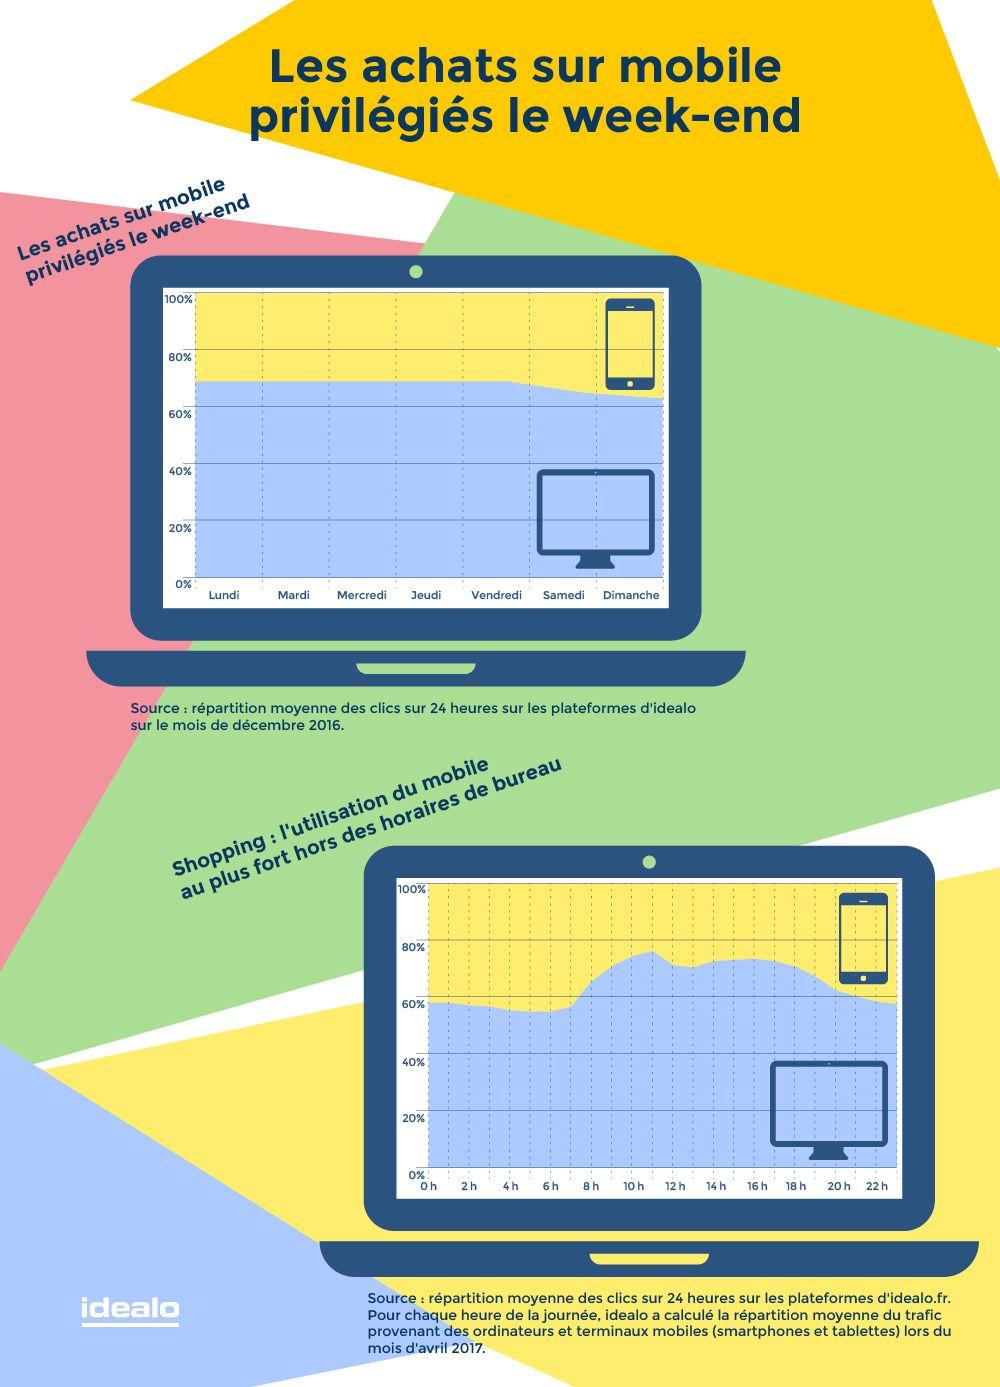 Idealo-France-horaires-achat-mobile-ordinateur